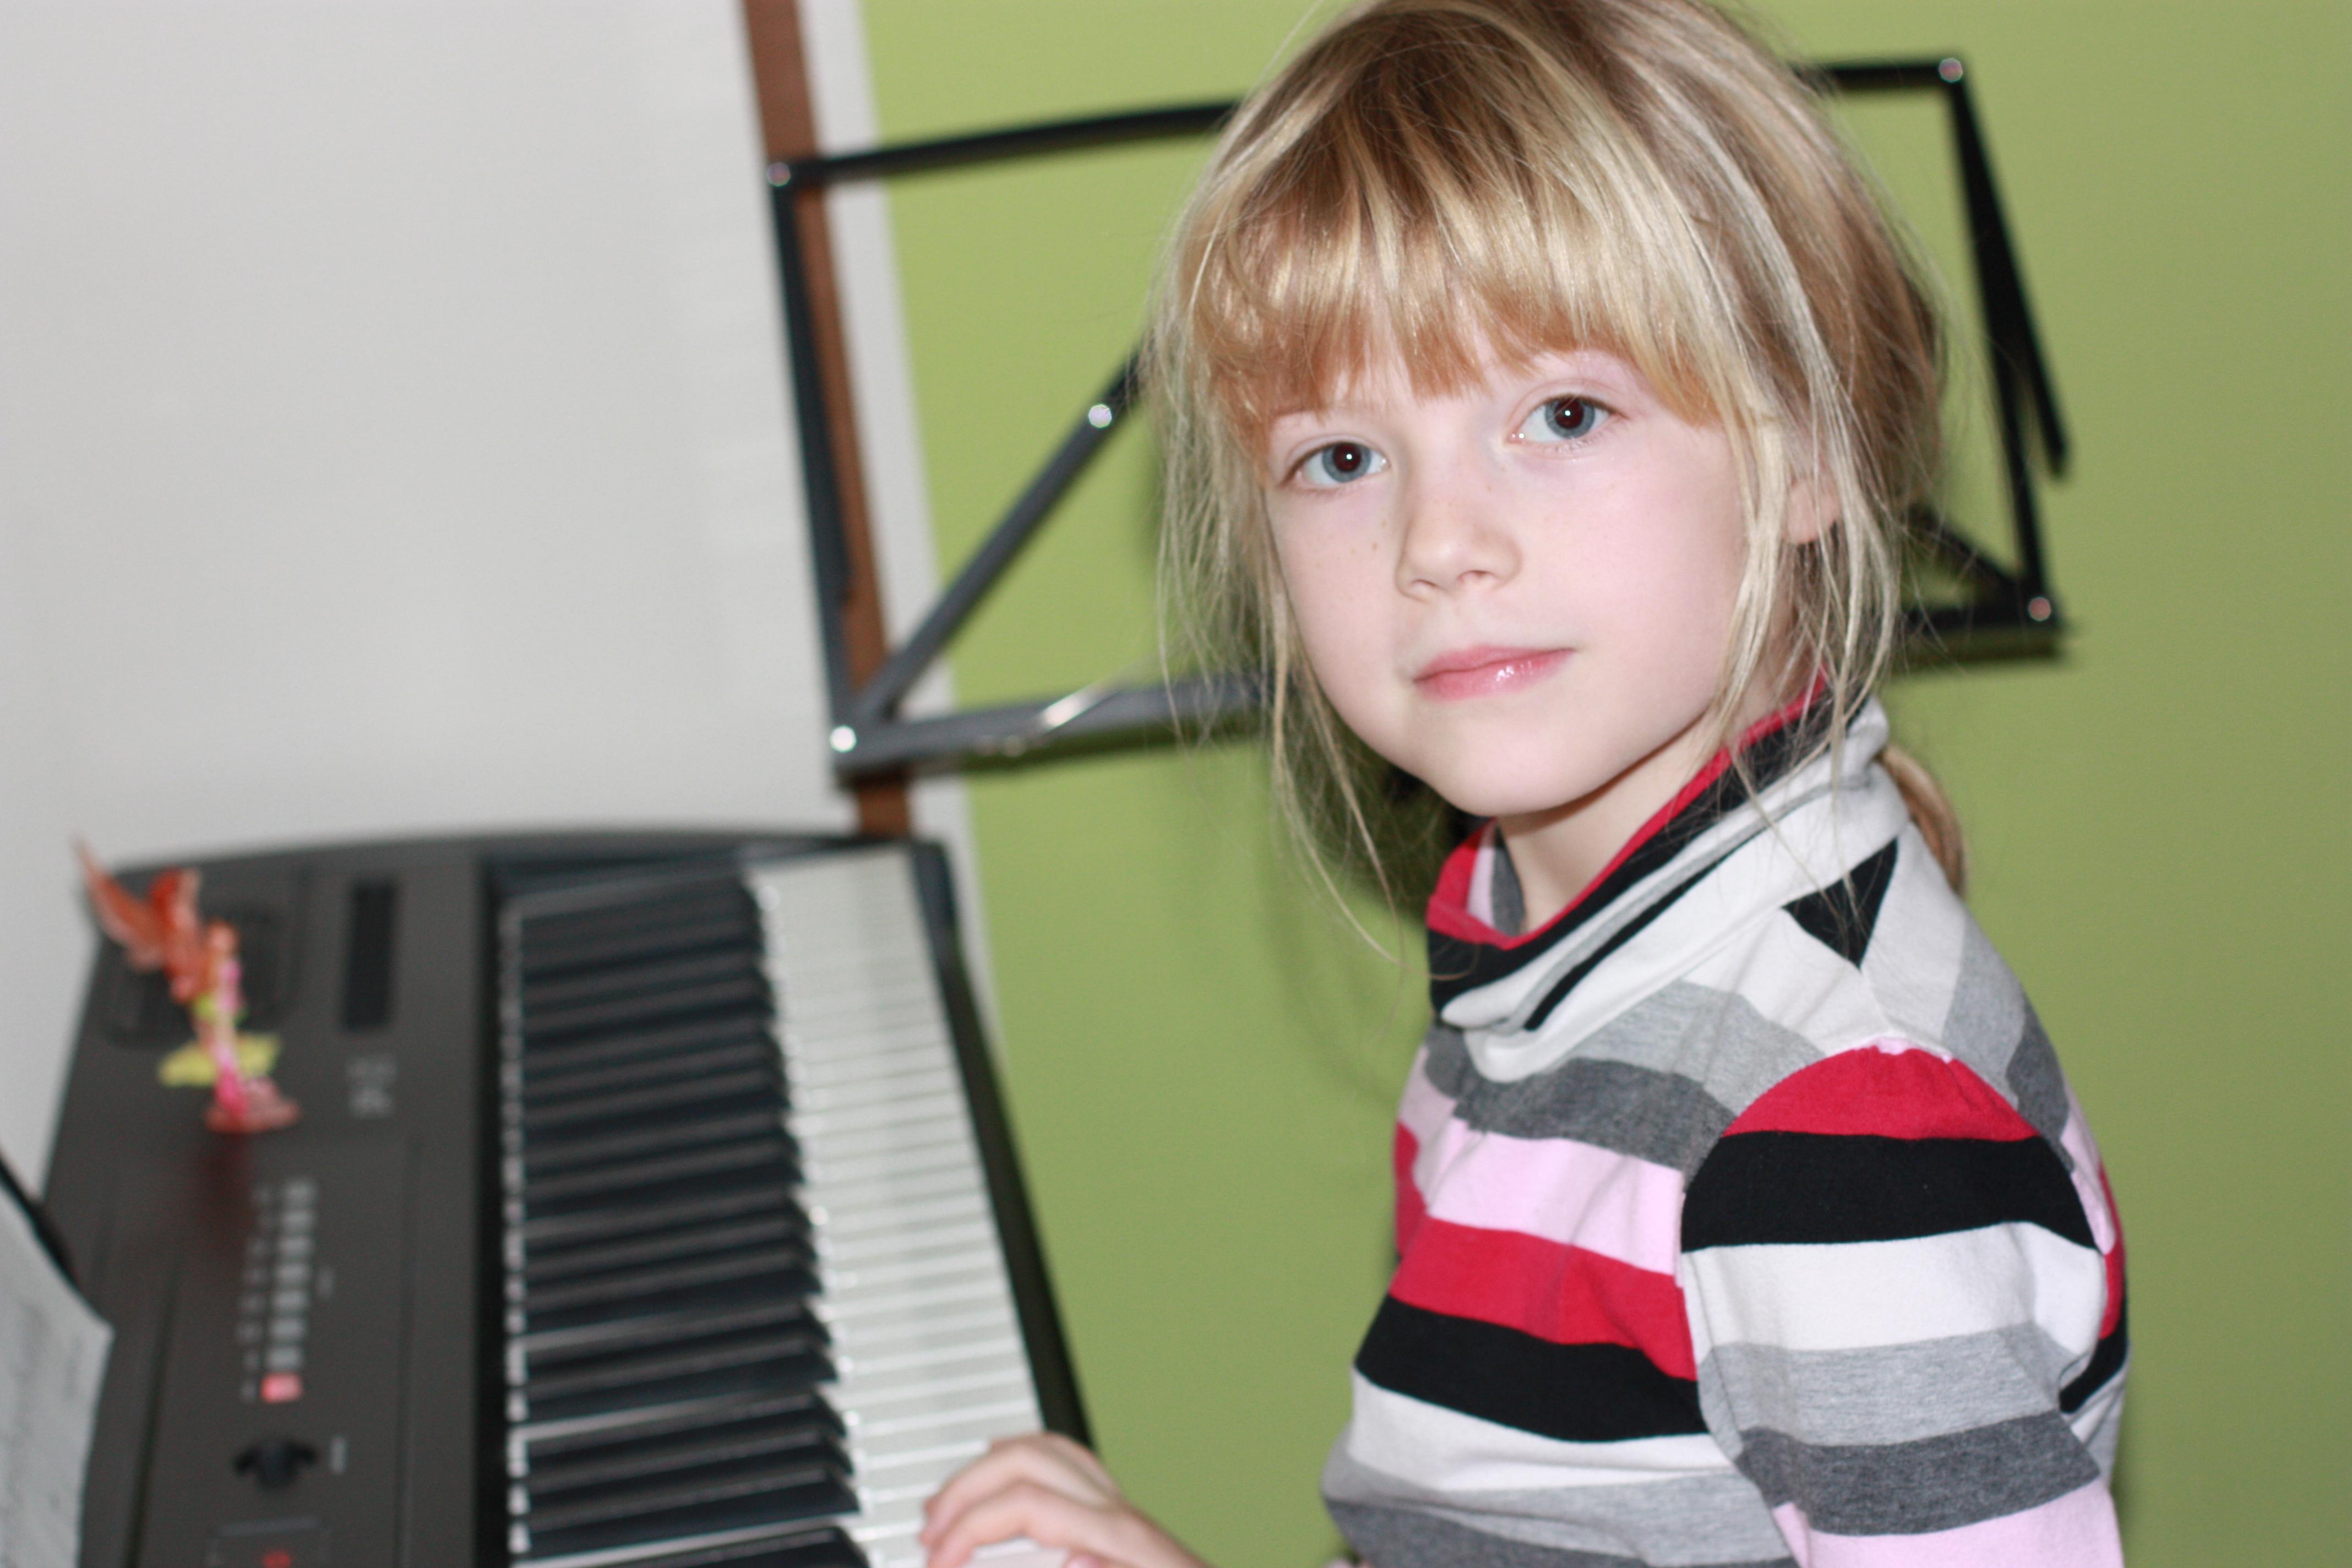 gibt es irgendeine m glichkeit online klavier spielen zu lernen oder kennt jemand eine. Black Bedroom Furniture Sets. Home Design Ideas